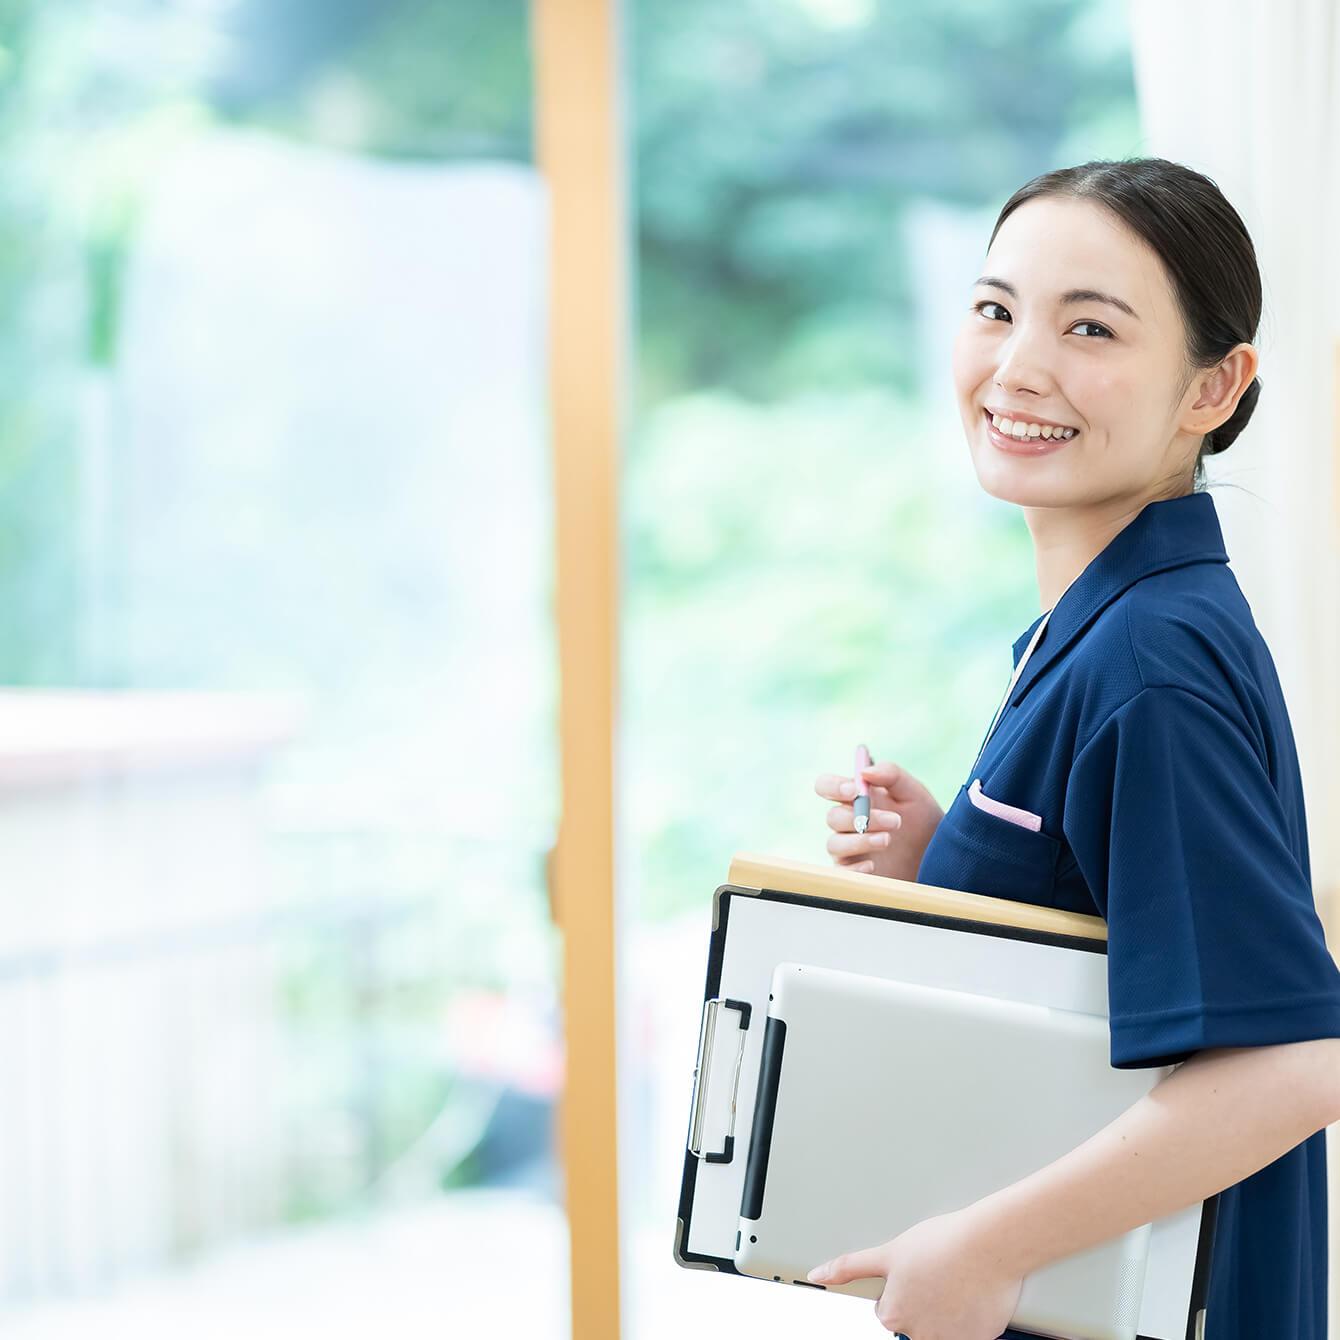 笑顔の介護士の女性